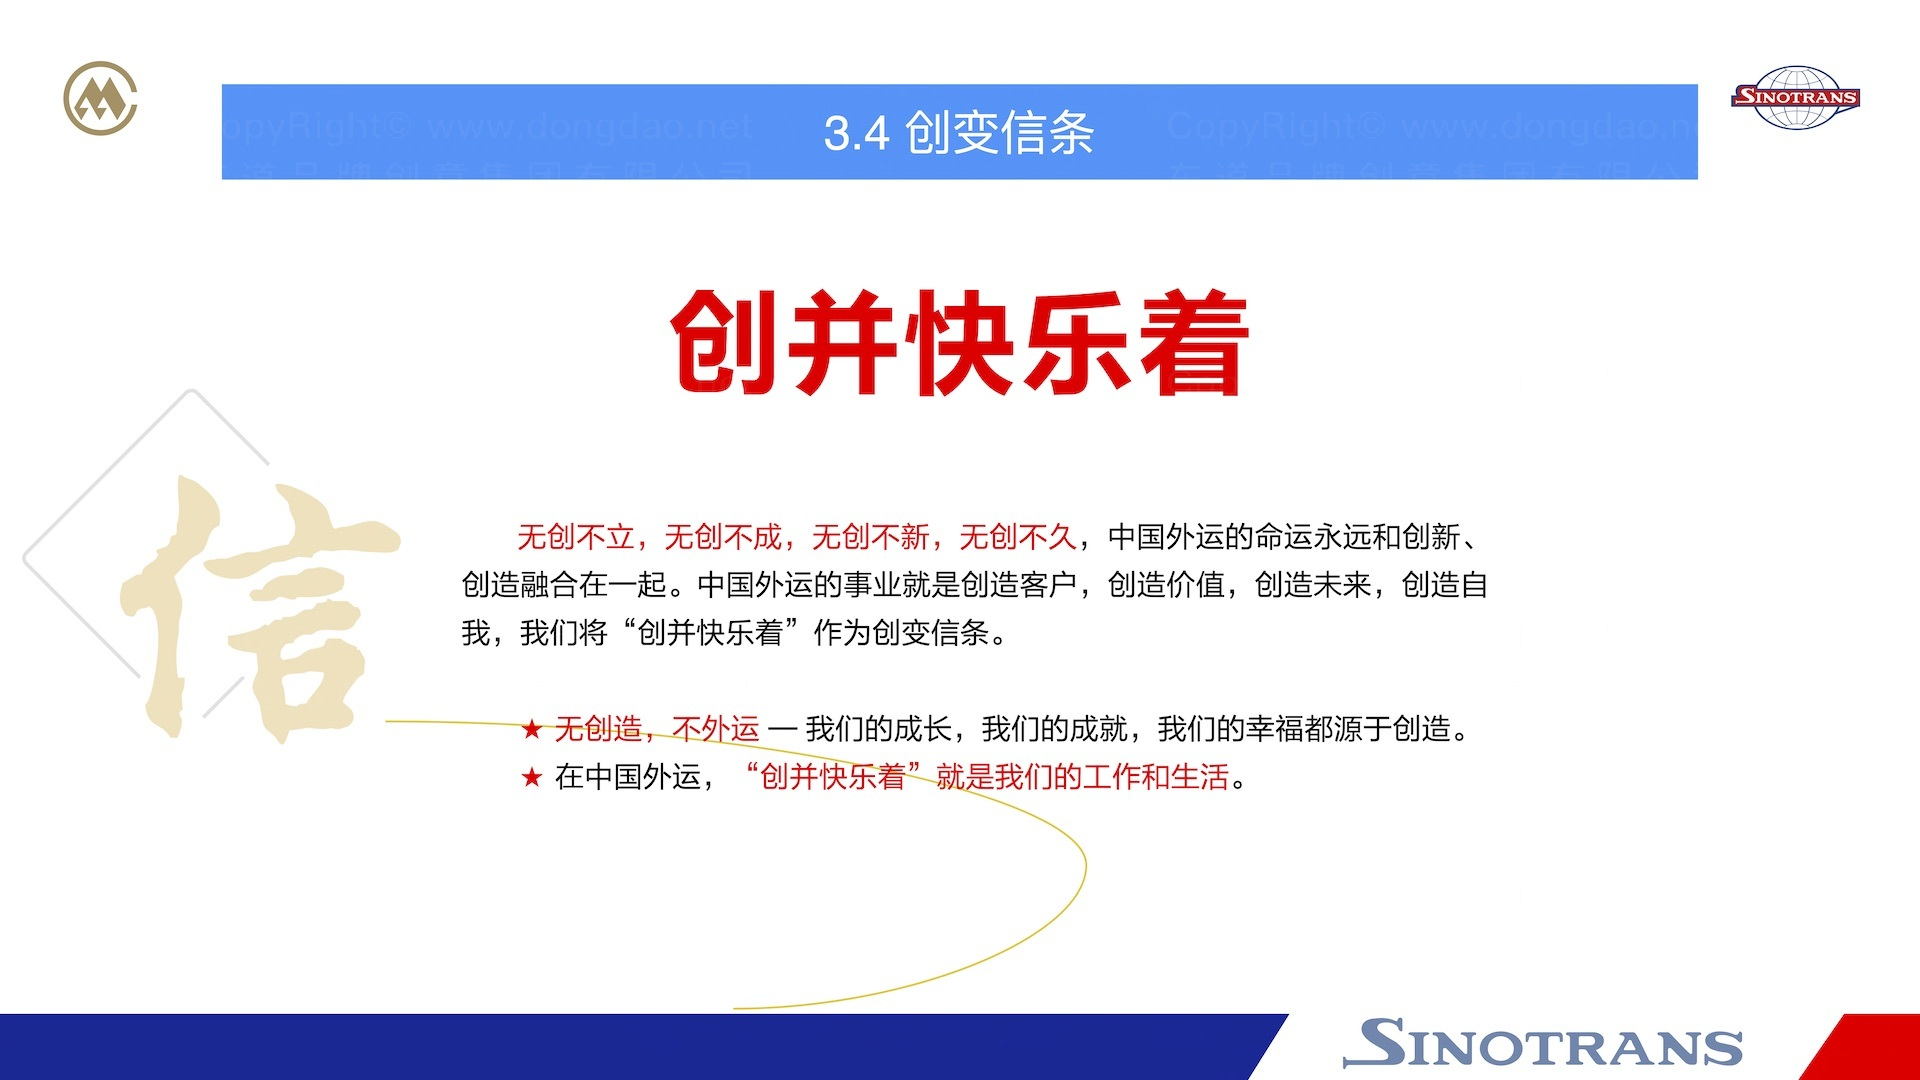 品牌战略&企业文化中国外运企业文化落地项目企业文化手册应用场景_9